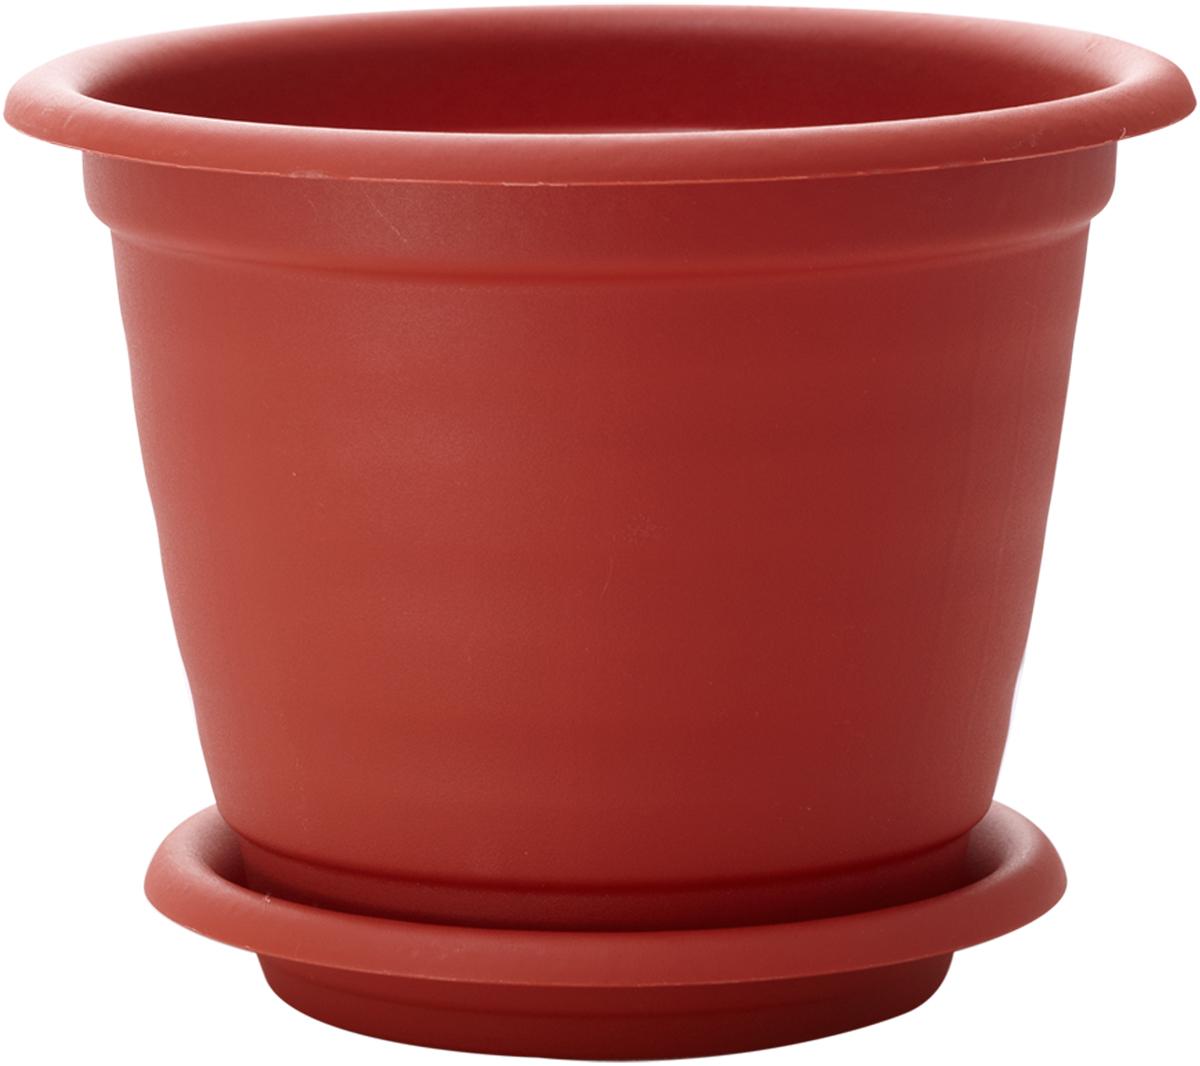 Горшок для цветов InGreen Натура, с поддоном, цвет: терракотовый, диаметр 21 смING43021FТРГоршок InGreen Натура, выполненный из высококачественного полипропилена (пластика), предназначен для выращивания комнатных цветов, растений и трав. Специальная конструкция обеспечивает вентиляцию в корневой системе растения, а дренажные отверстия позволяют выходить лишней влаге из почвы. Такой горшок порадует вас современным дизайном и функциональностью, а также оригинально украсит интерьер любого помещения. Диаметр горшка (по верхнему краю): 21 см.Высота горшка: 16,5 см.